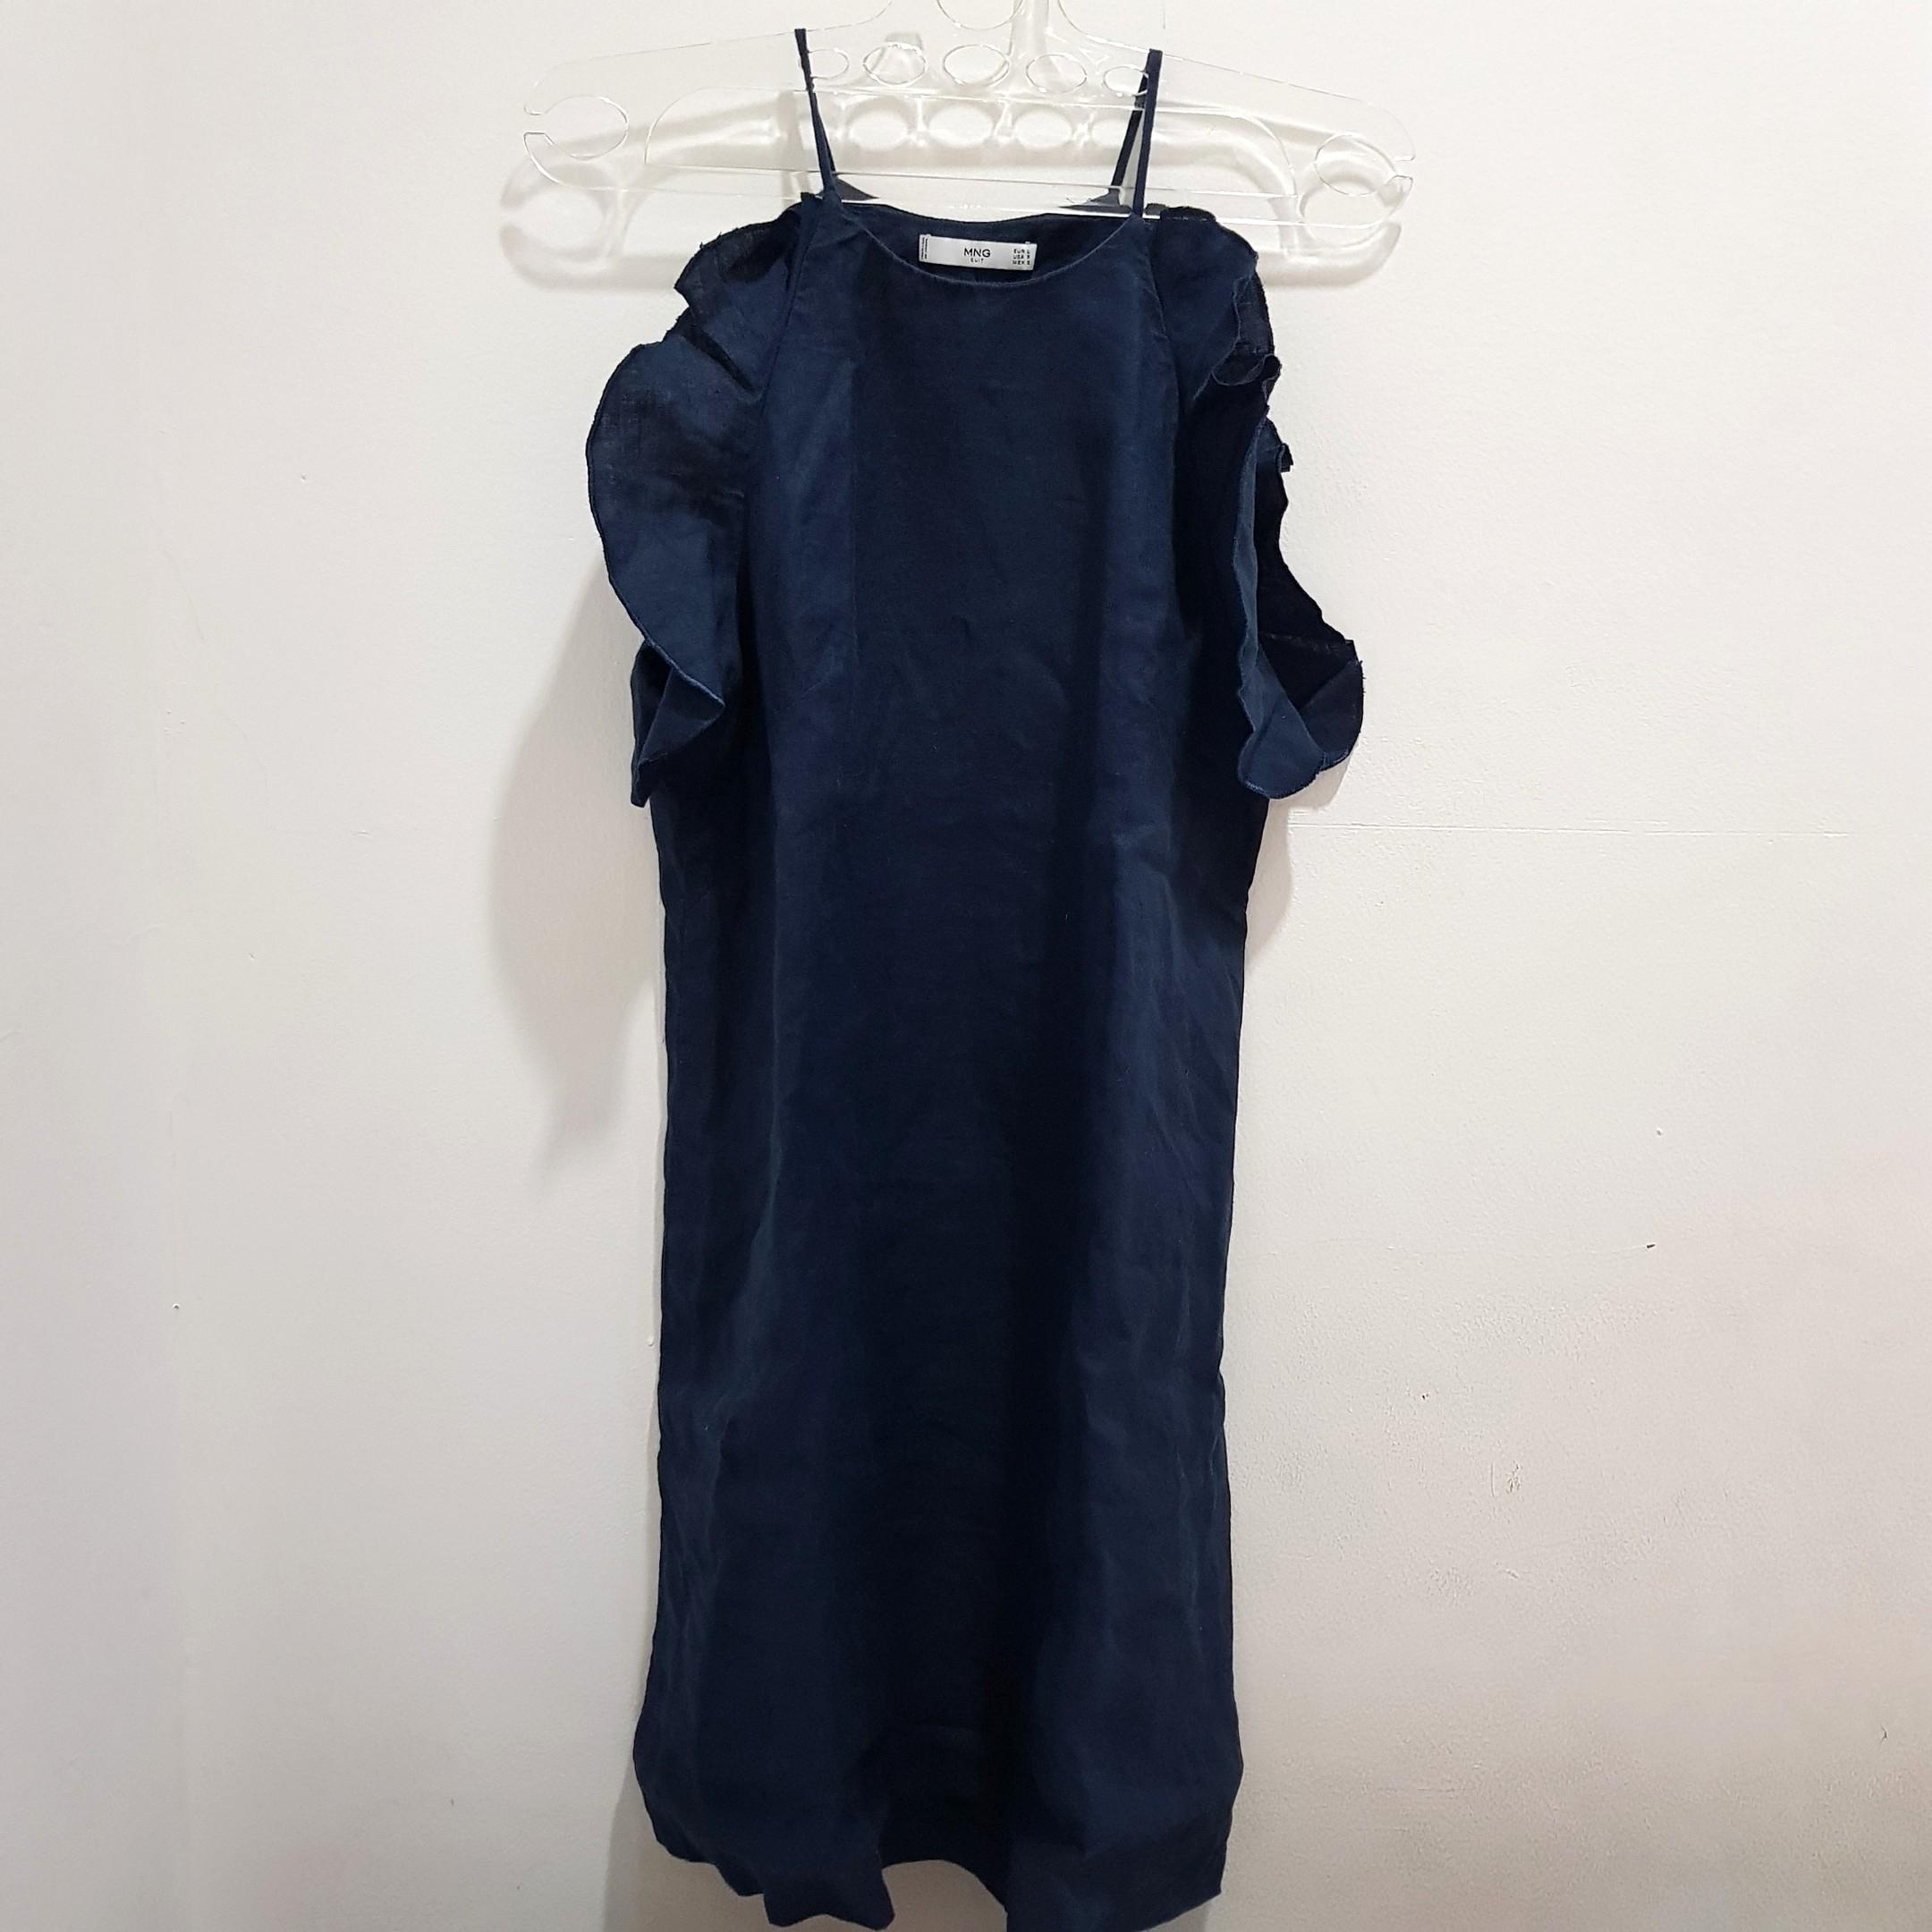 Mango linen dress